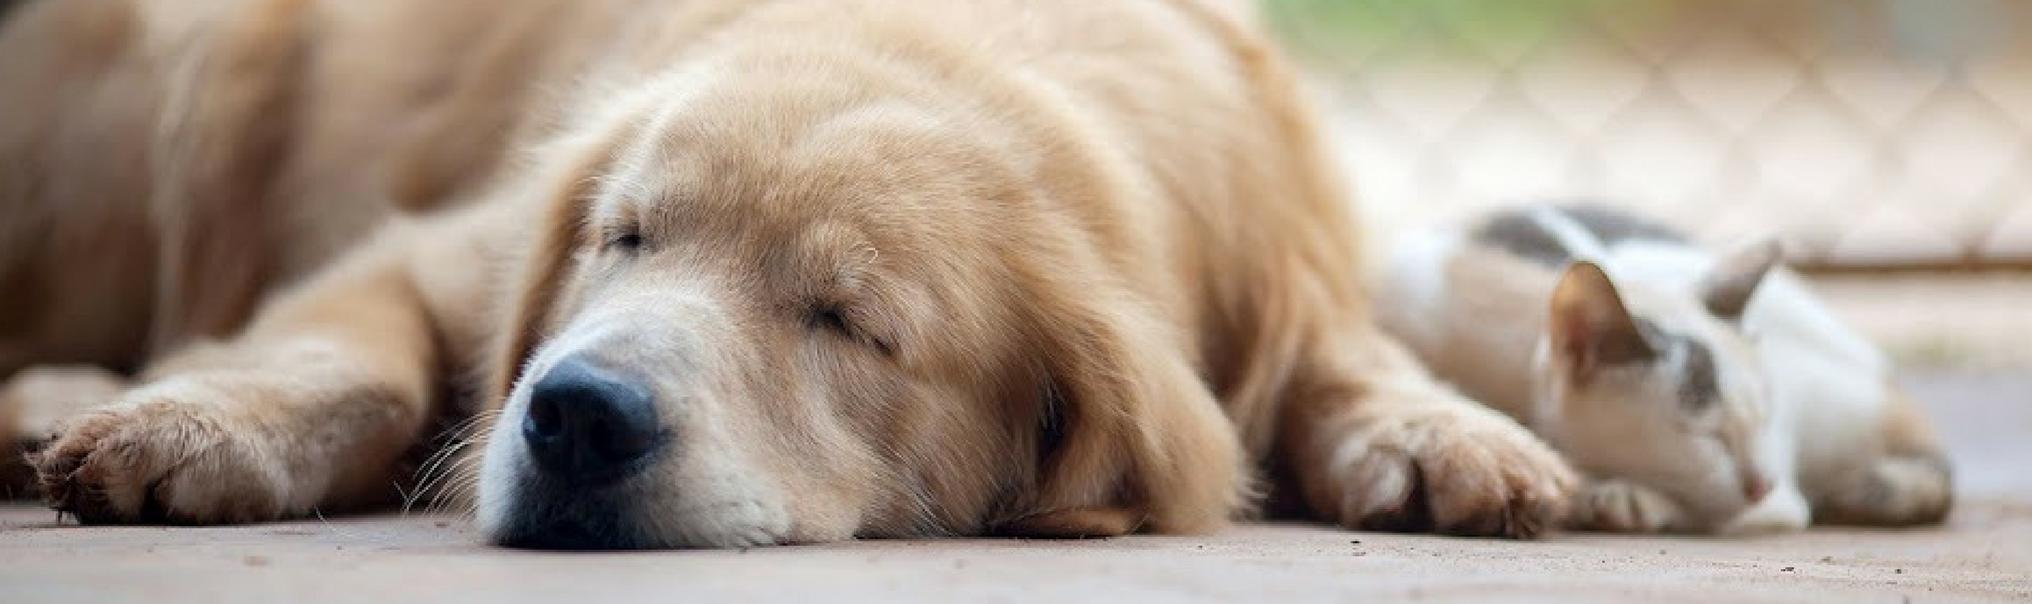 puppy-kitten-services